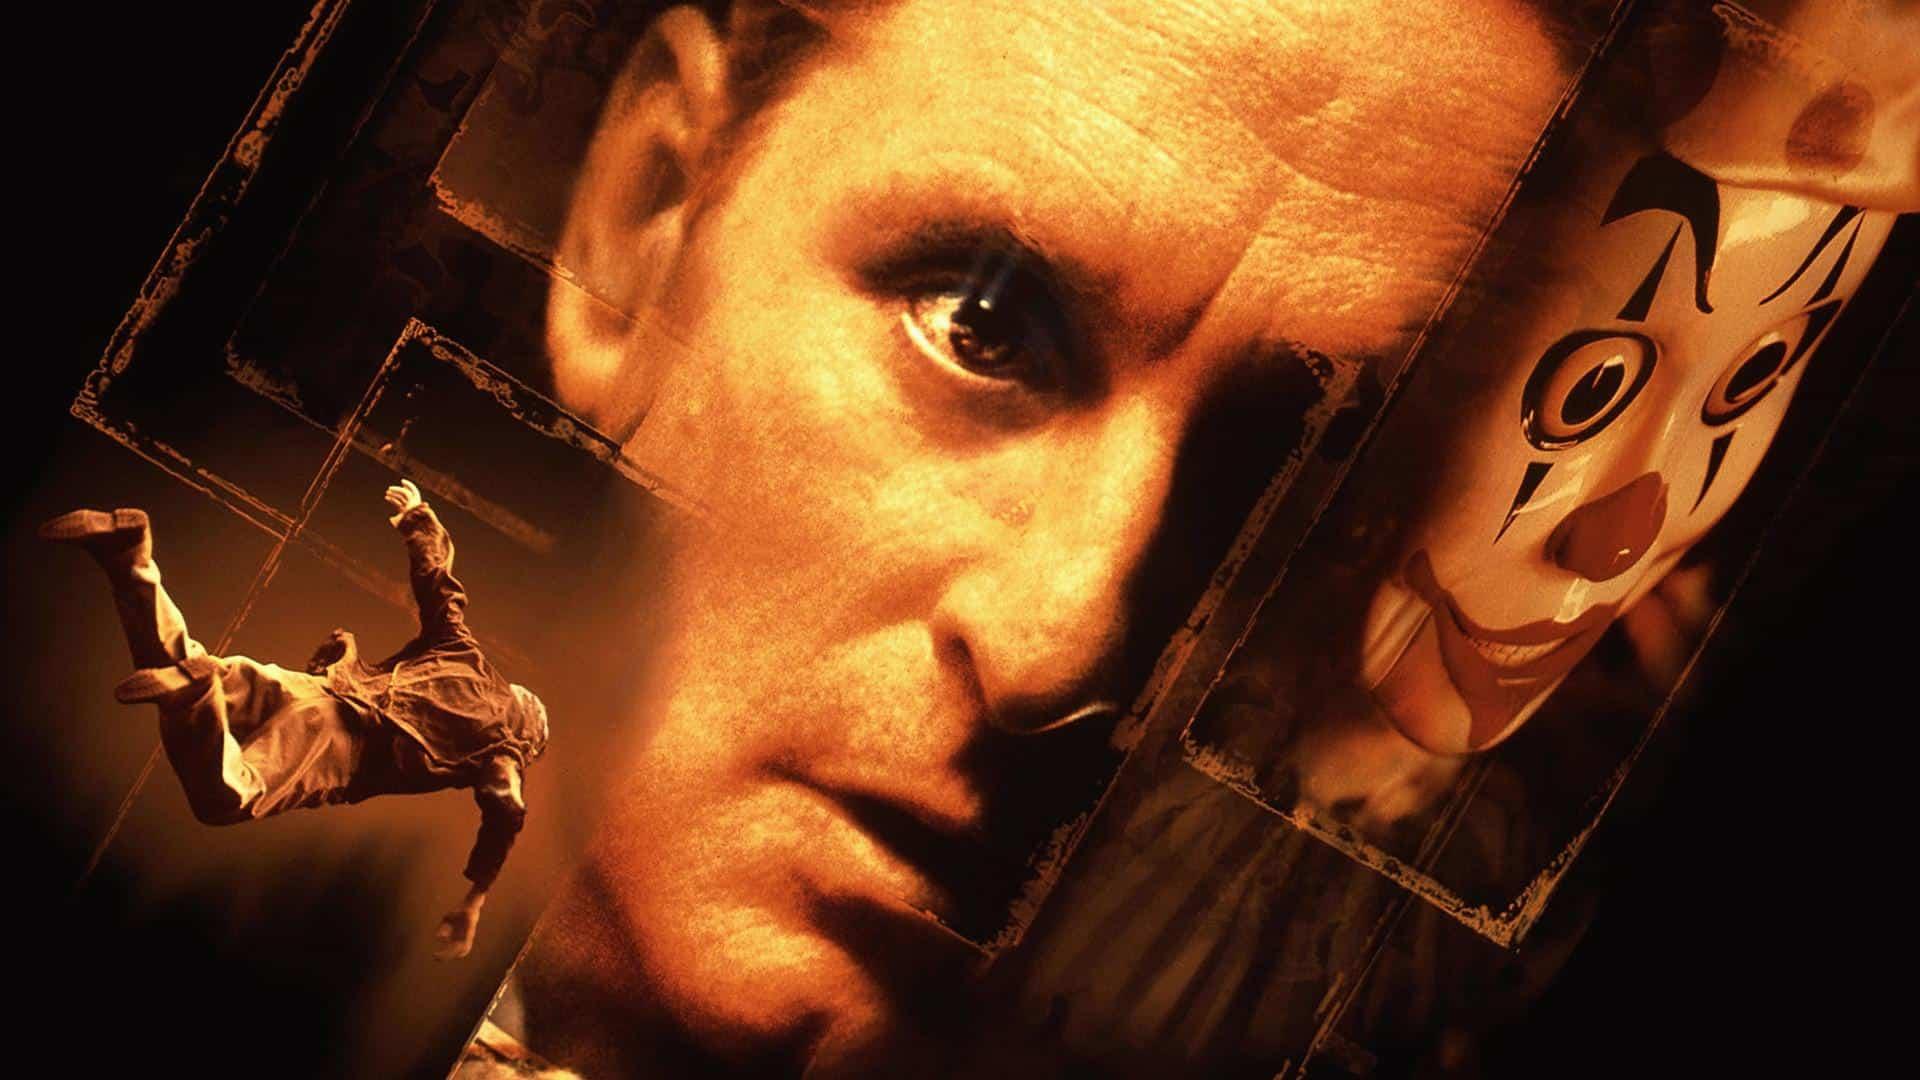 The Game – thriller movie